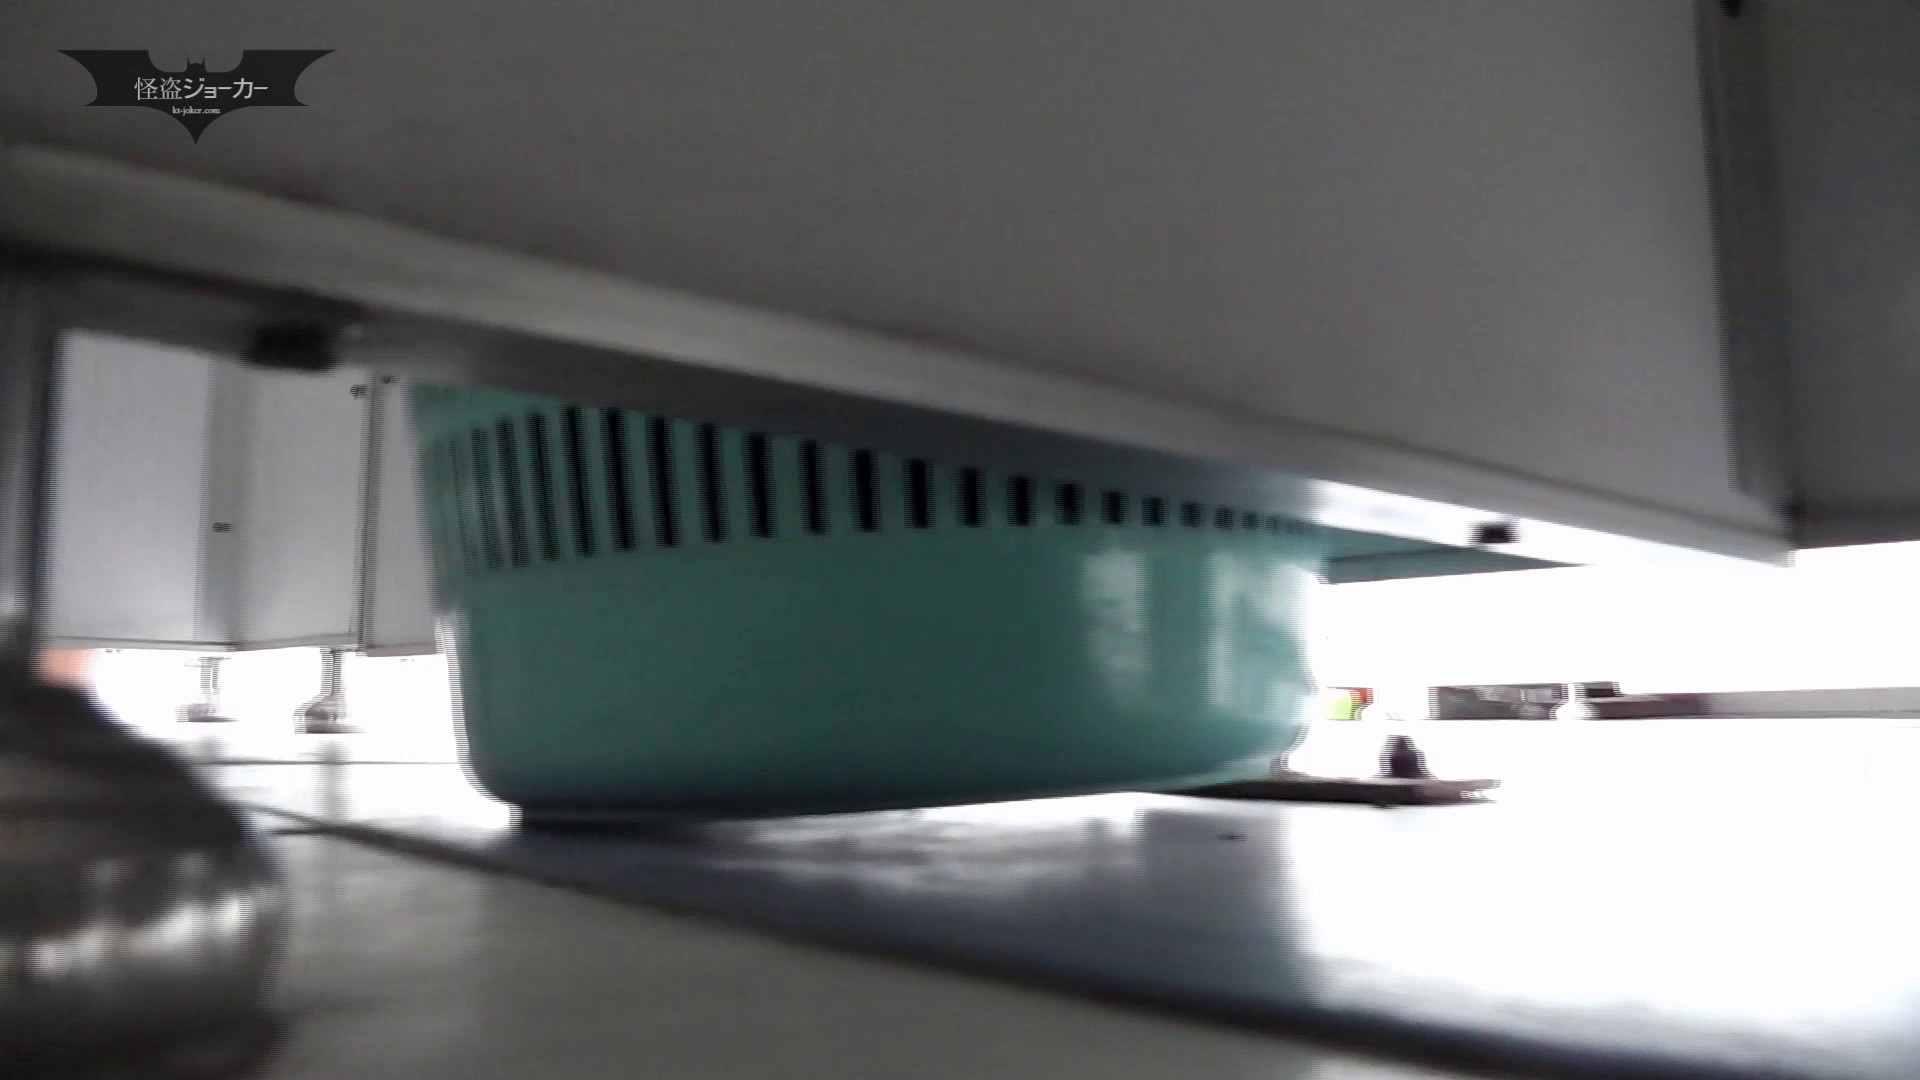 アダルトエロ動画|下からノゾム vol.032 走って追跡、そして、カメラ見られ大ピンチ|怪盗ジョーカー